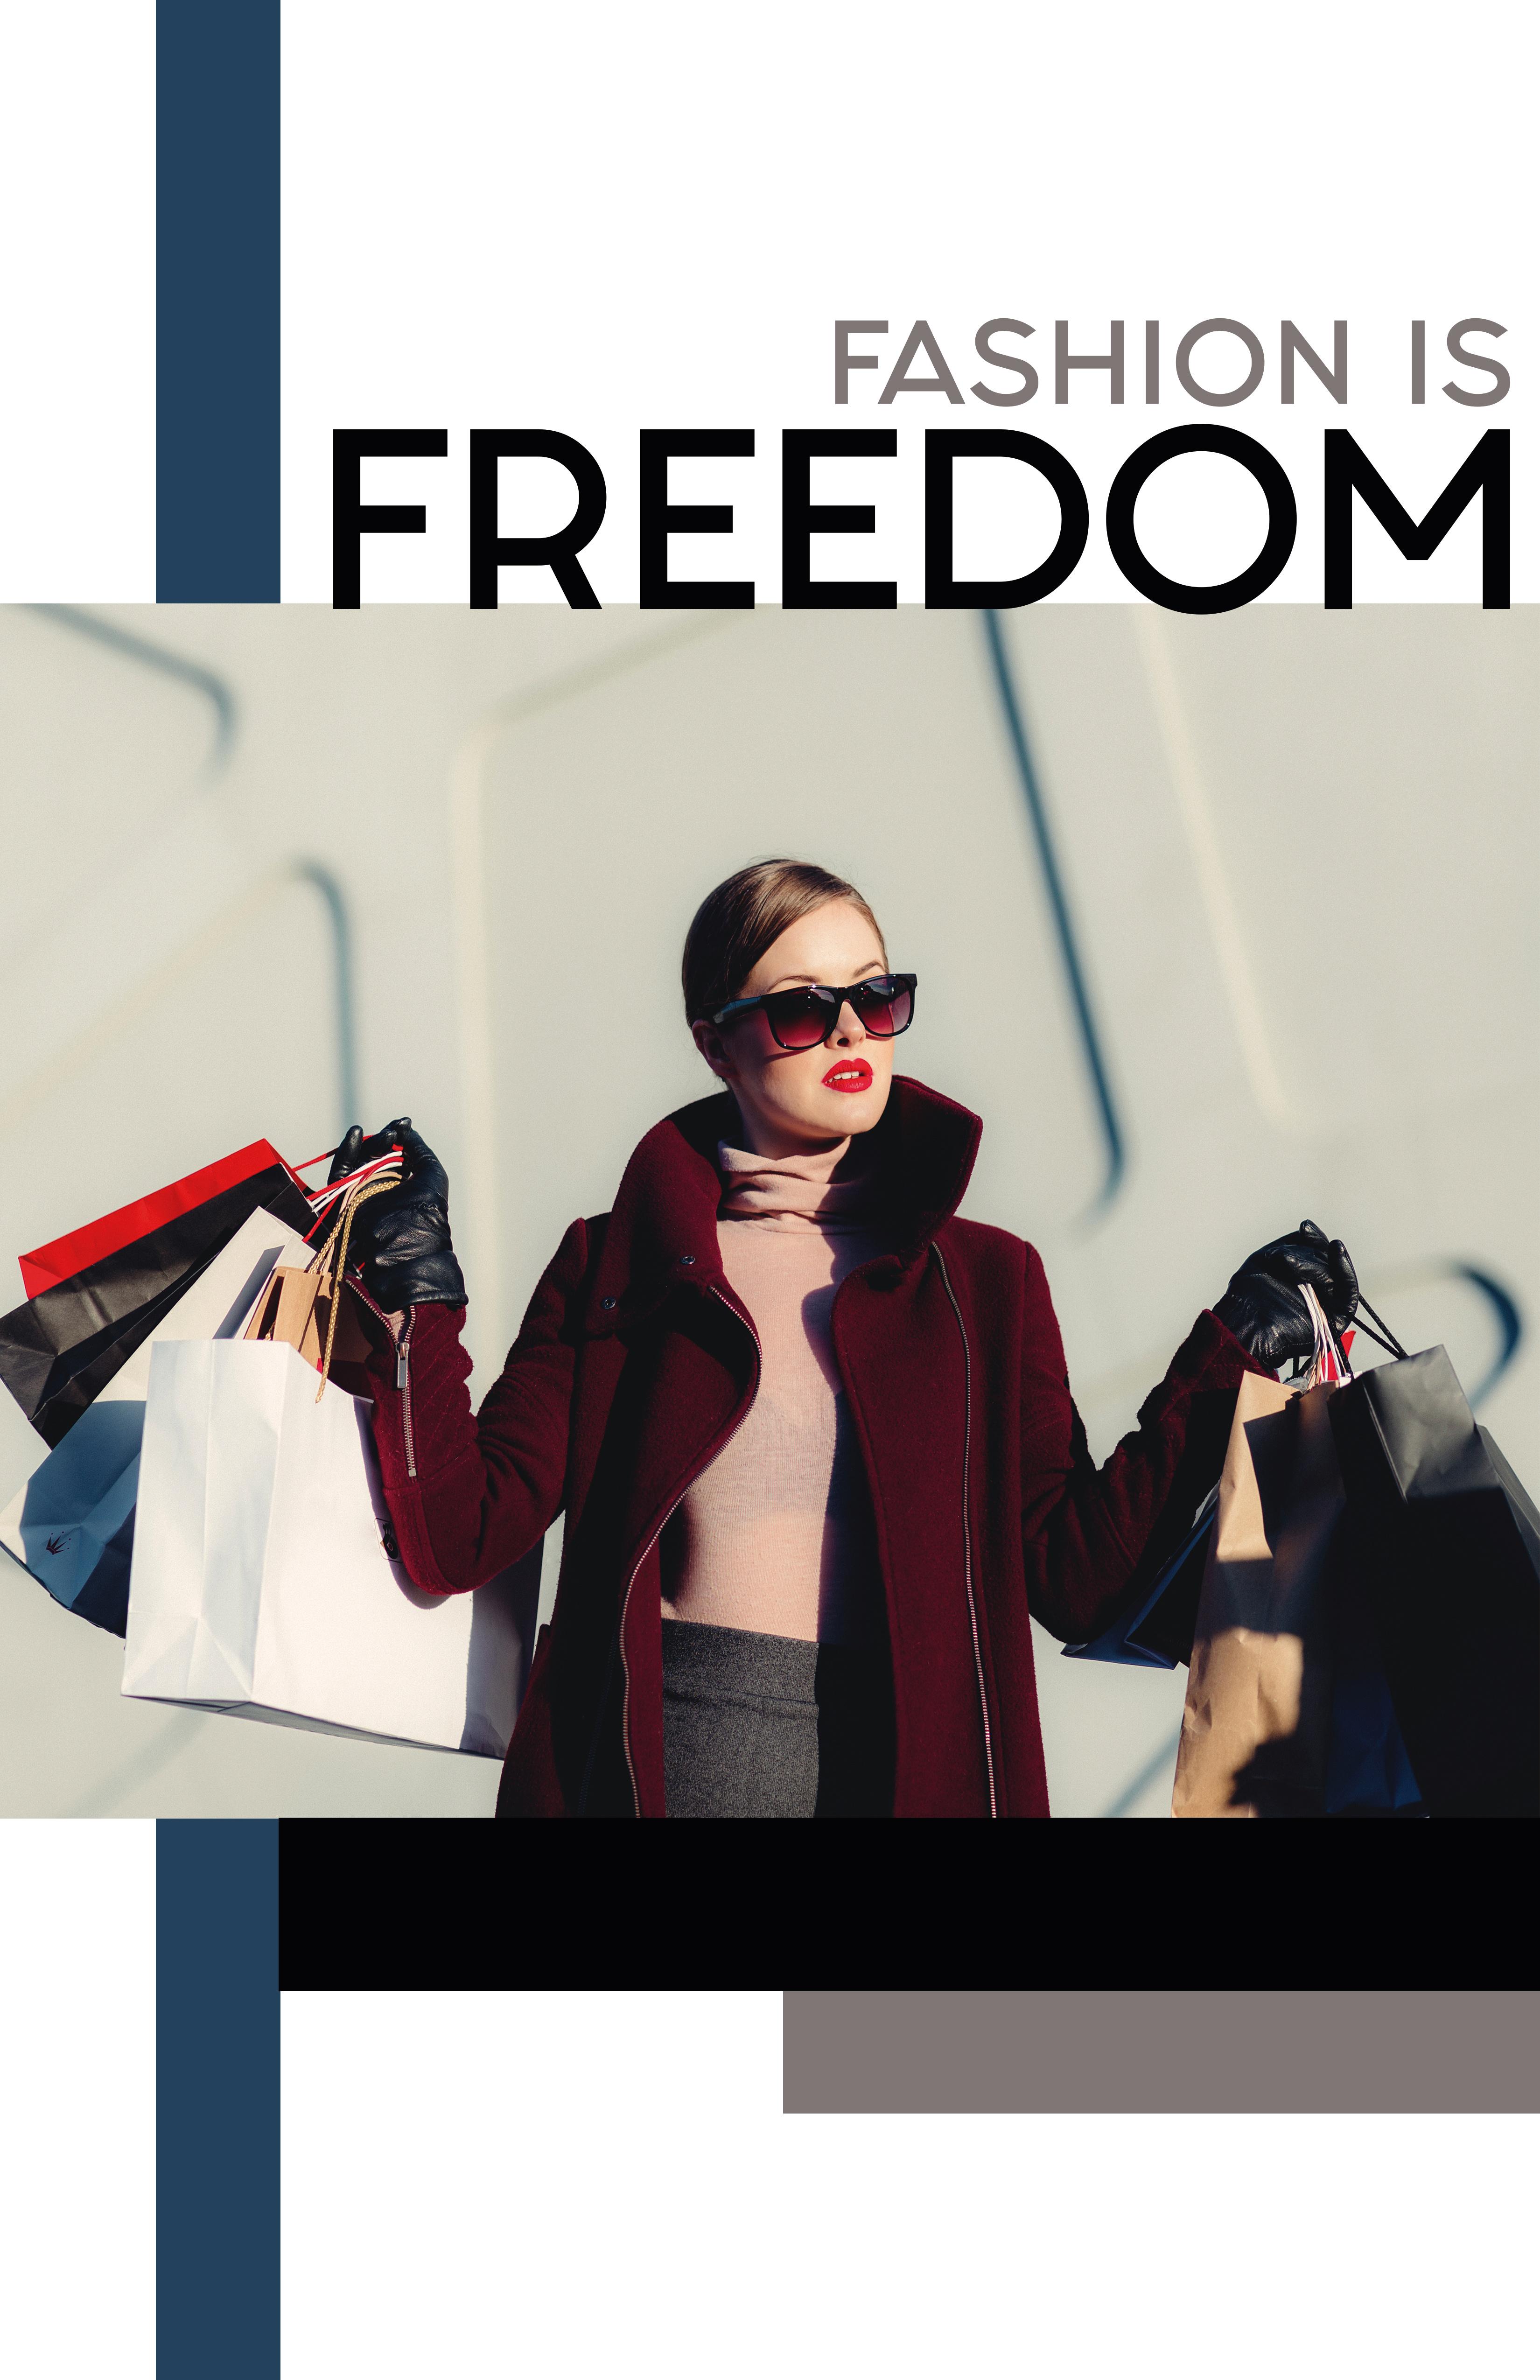 fashion is freedom?